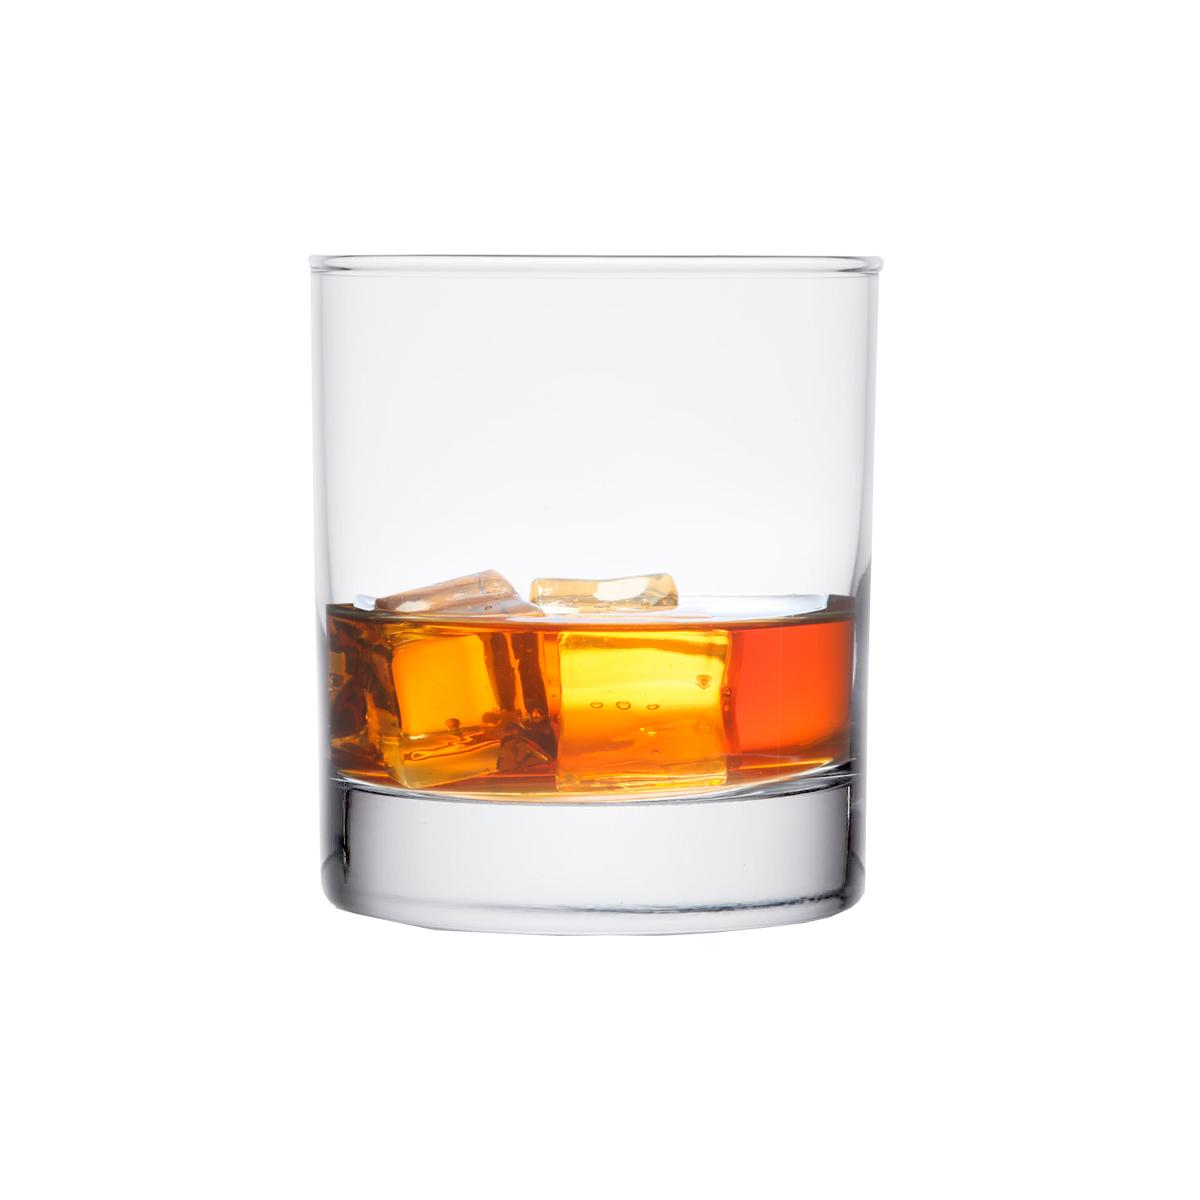 Apéritif, cocktail et digestif